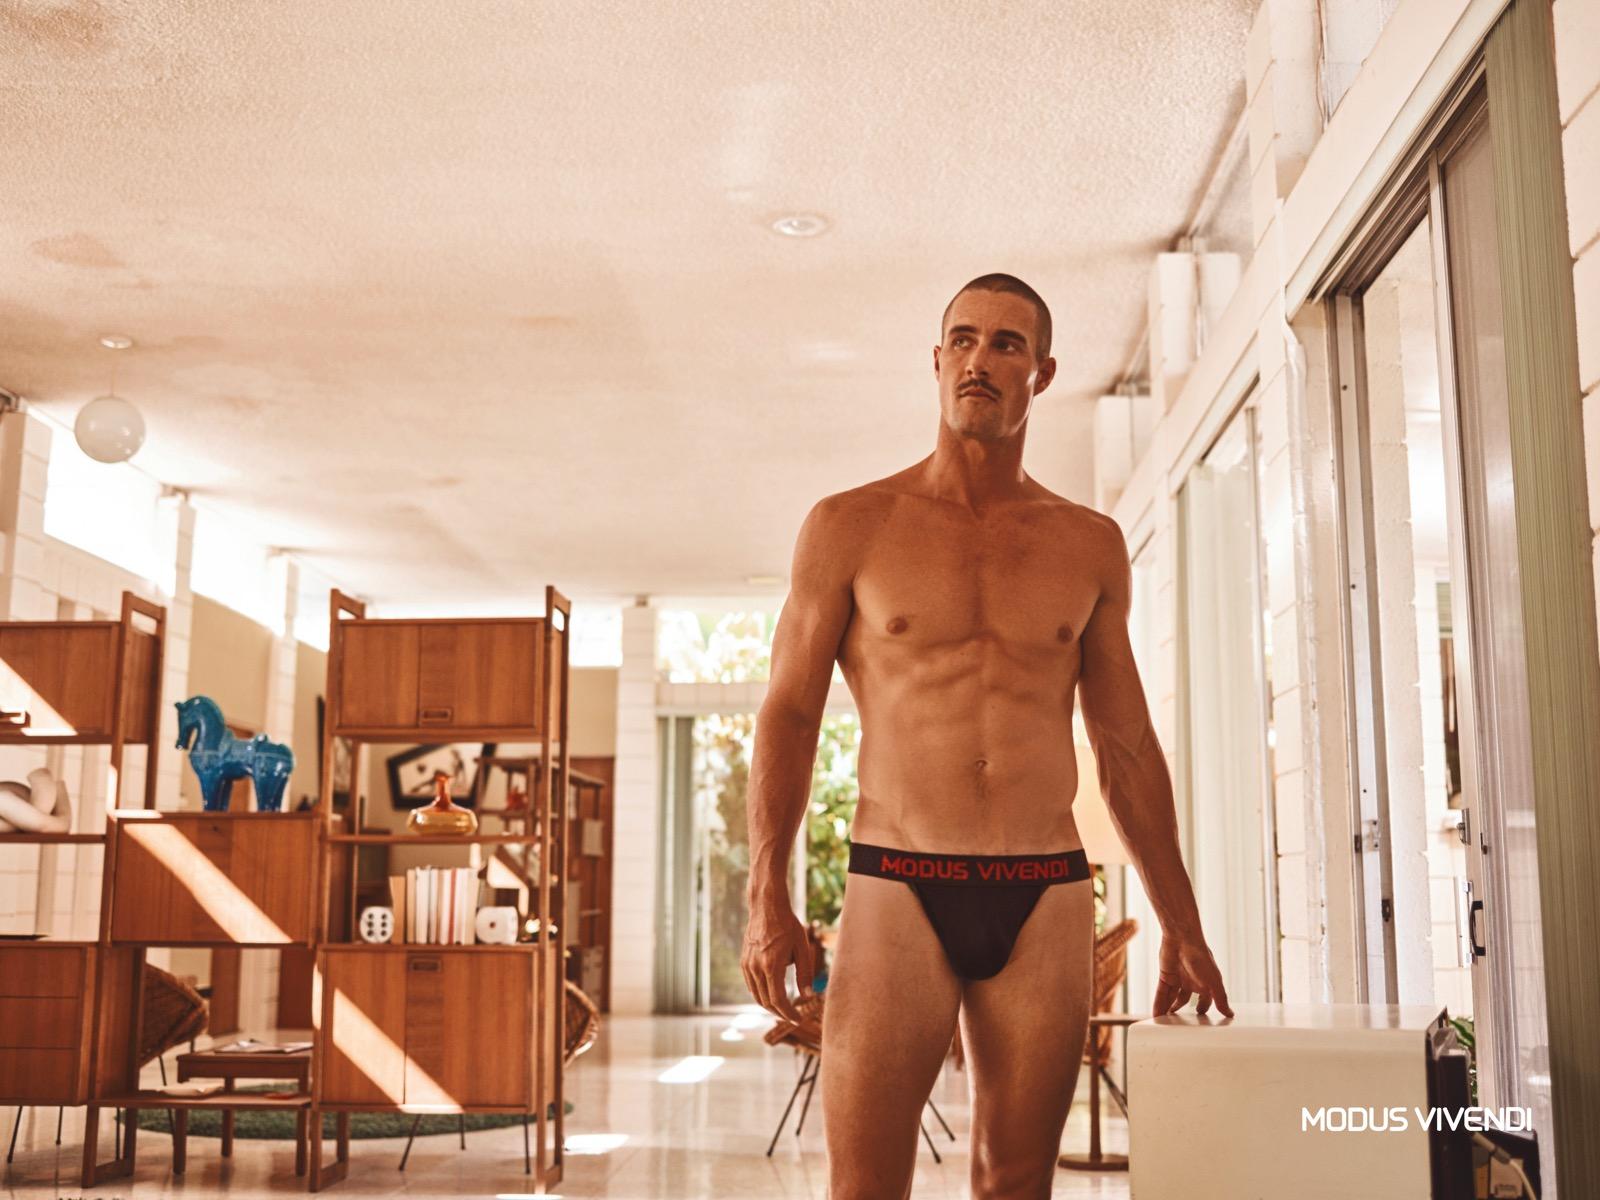 Modus Vivendi Launches the Floral underwear Line